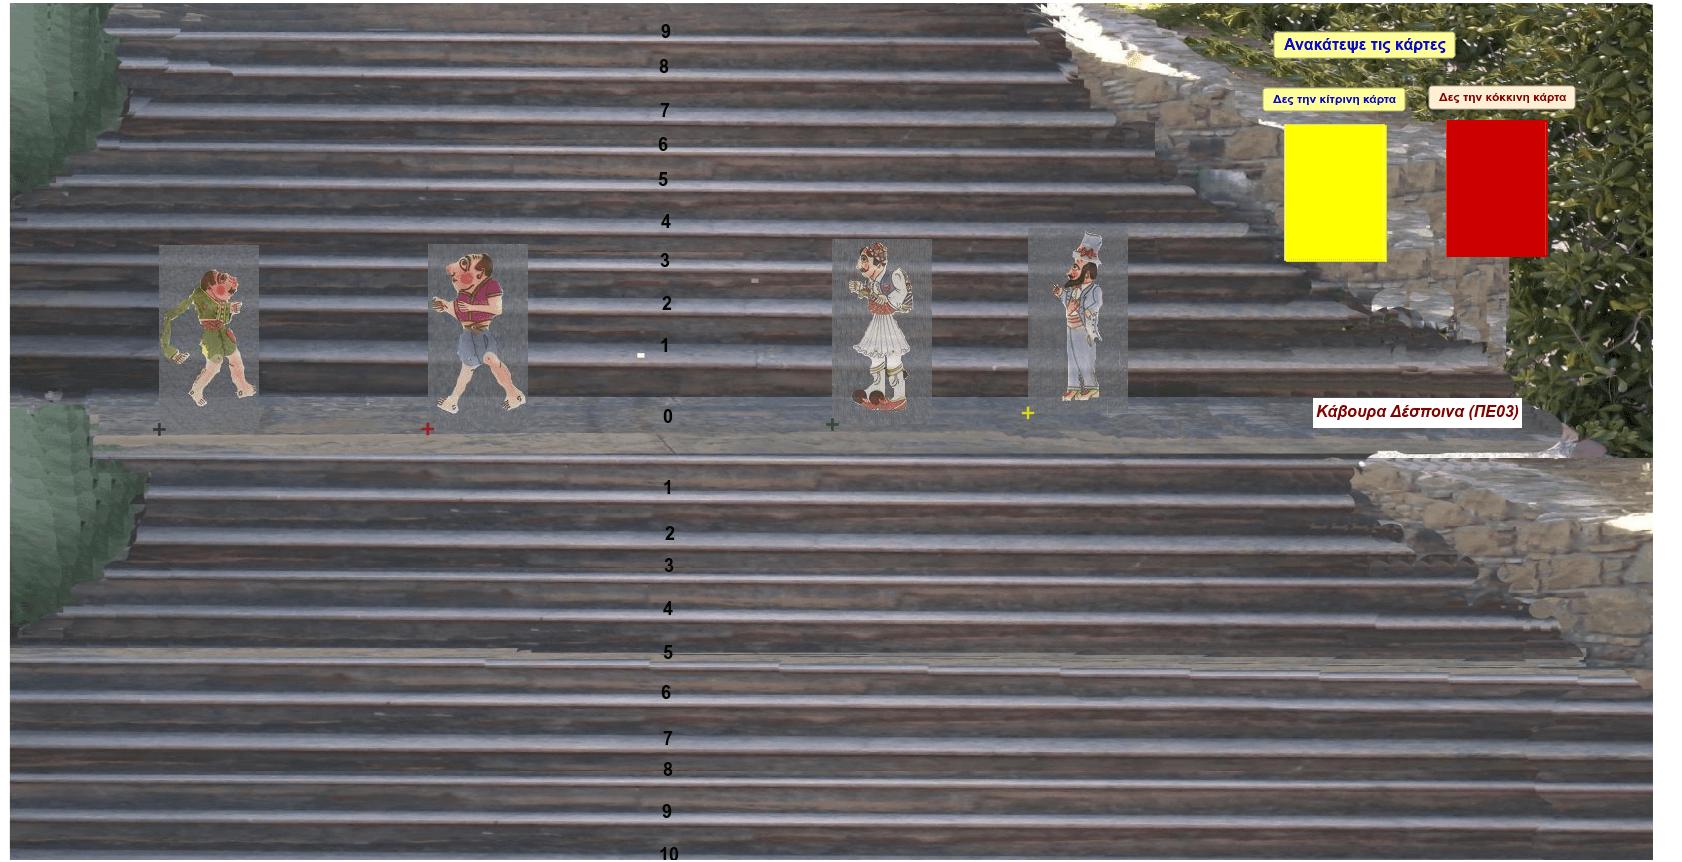 Δημιουργός: Κάβουρα Δέσποινα (ΠΕ03)-Παρουσίαση στο 10ο Συνέδριο ΤΠΕ, Αθήνα, 2013